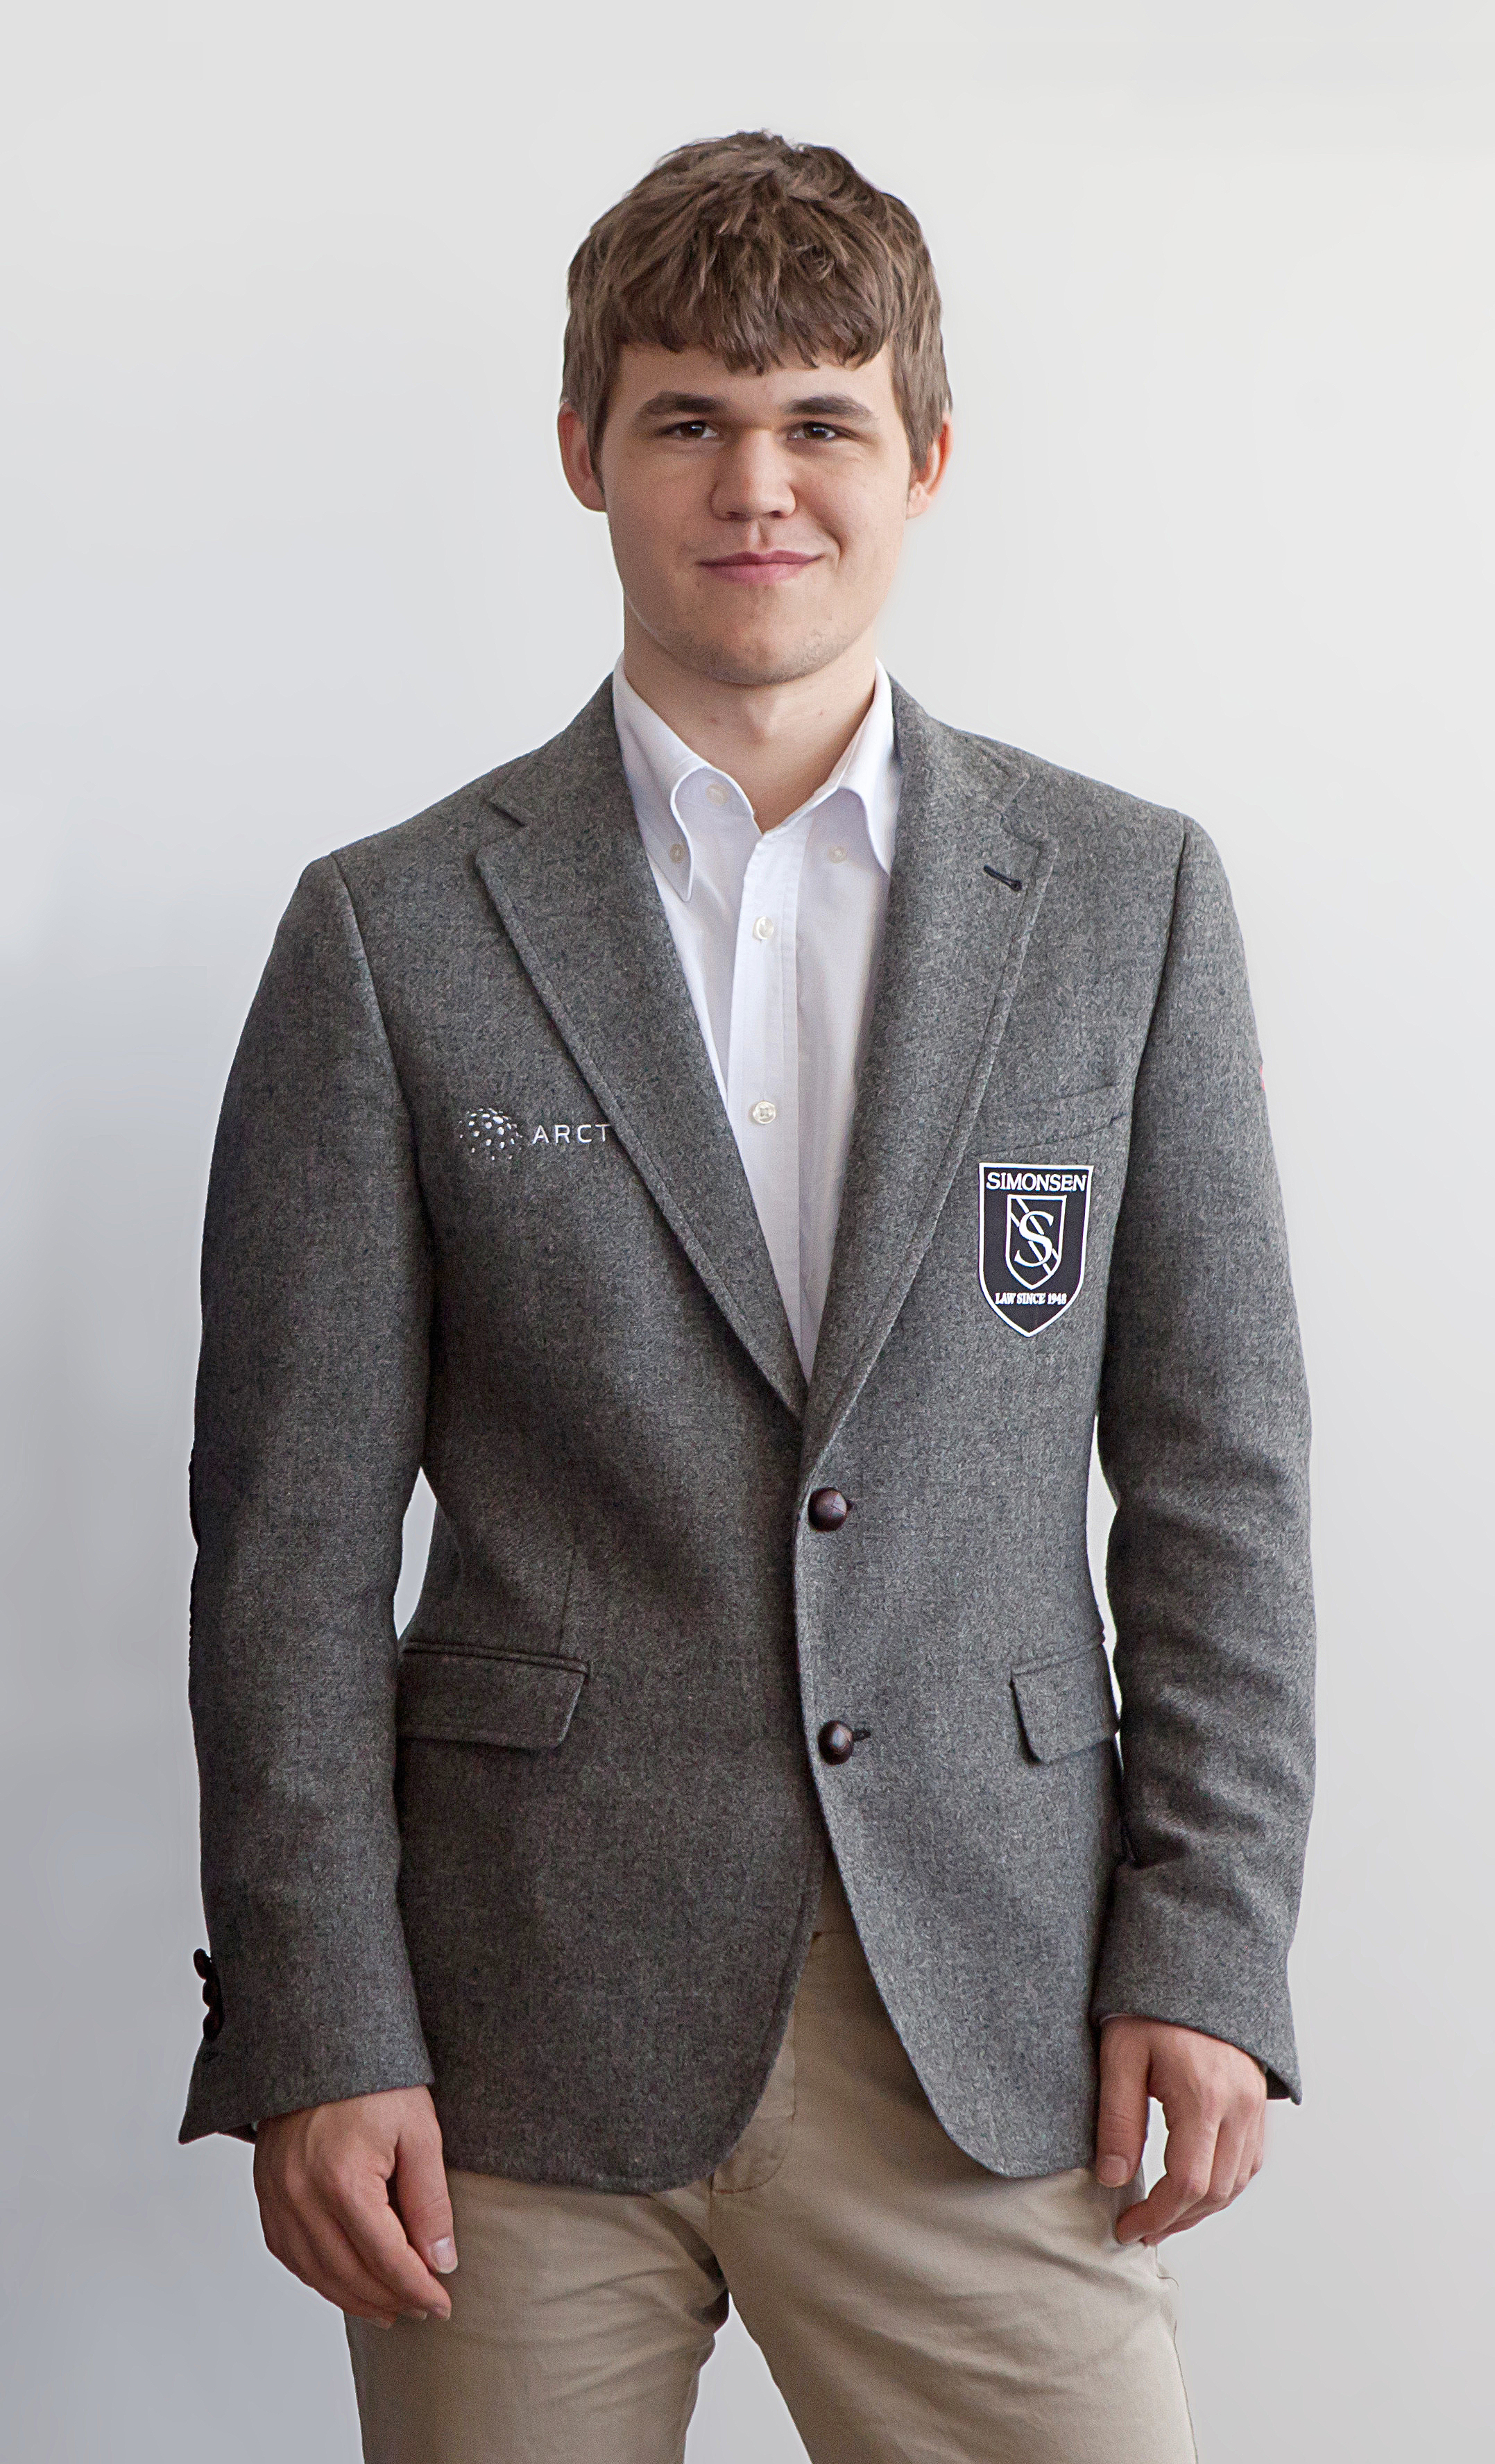 Magnus_Carlsen_(2012).jpg